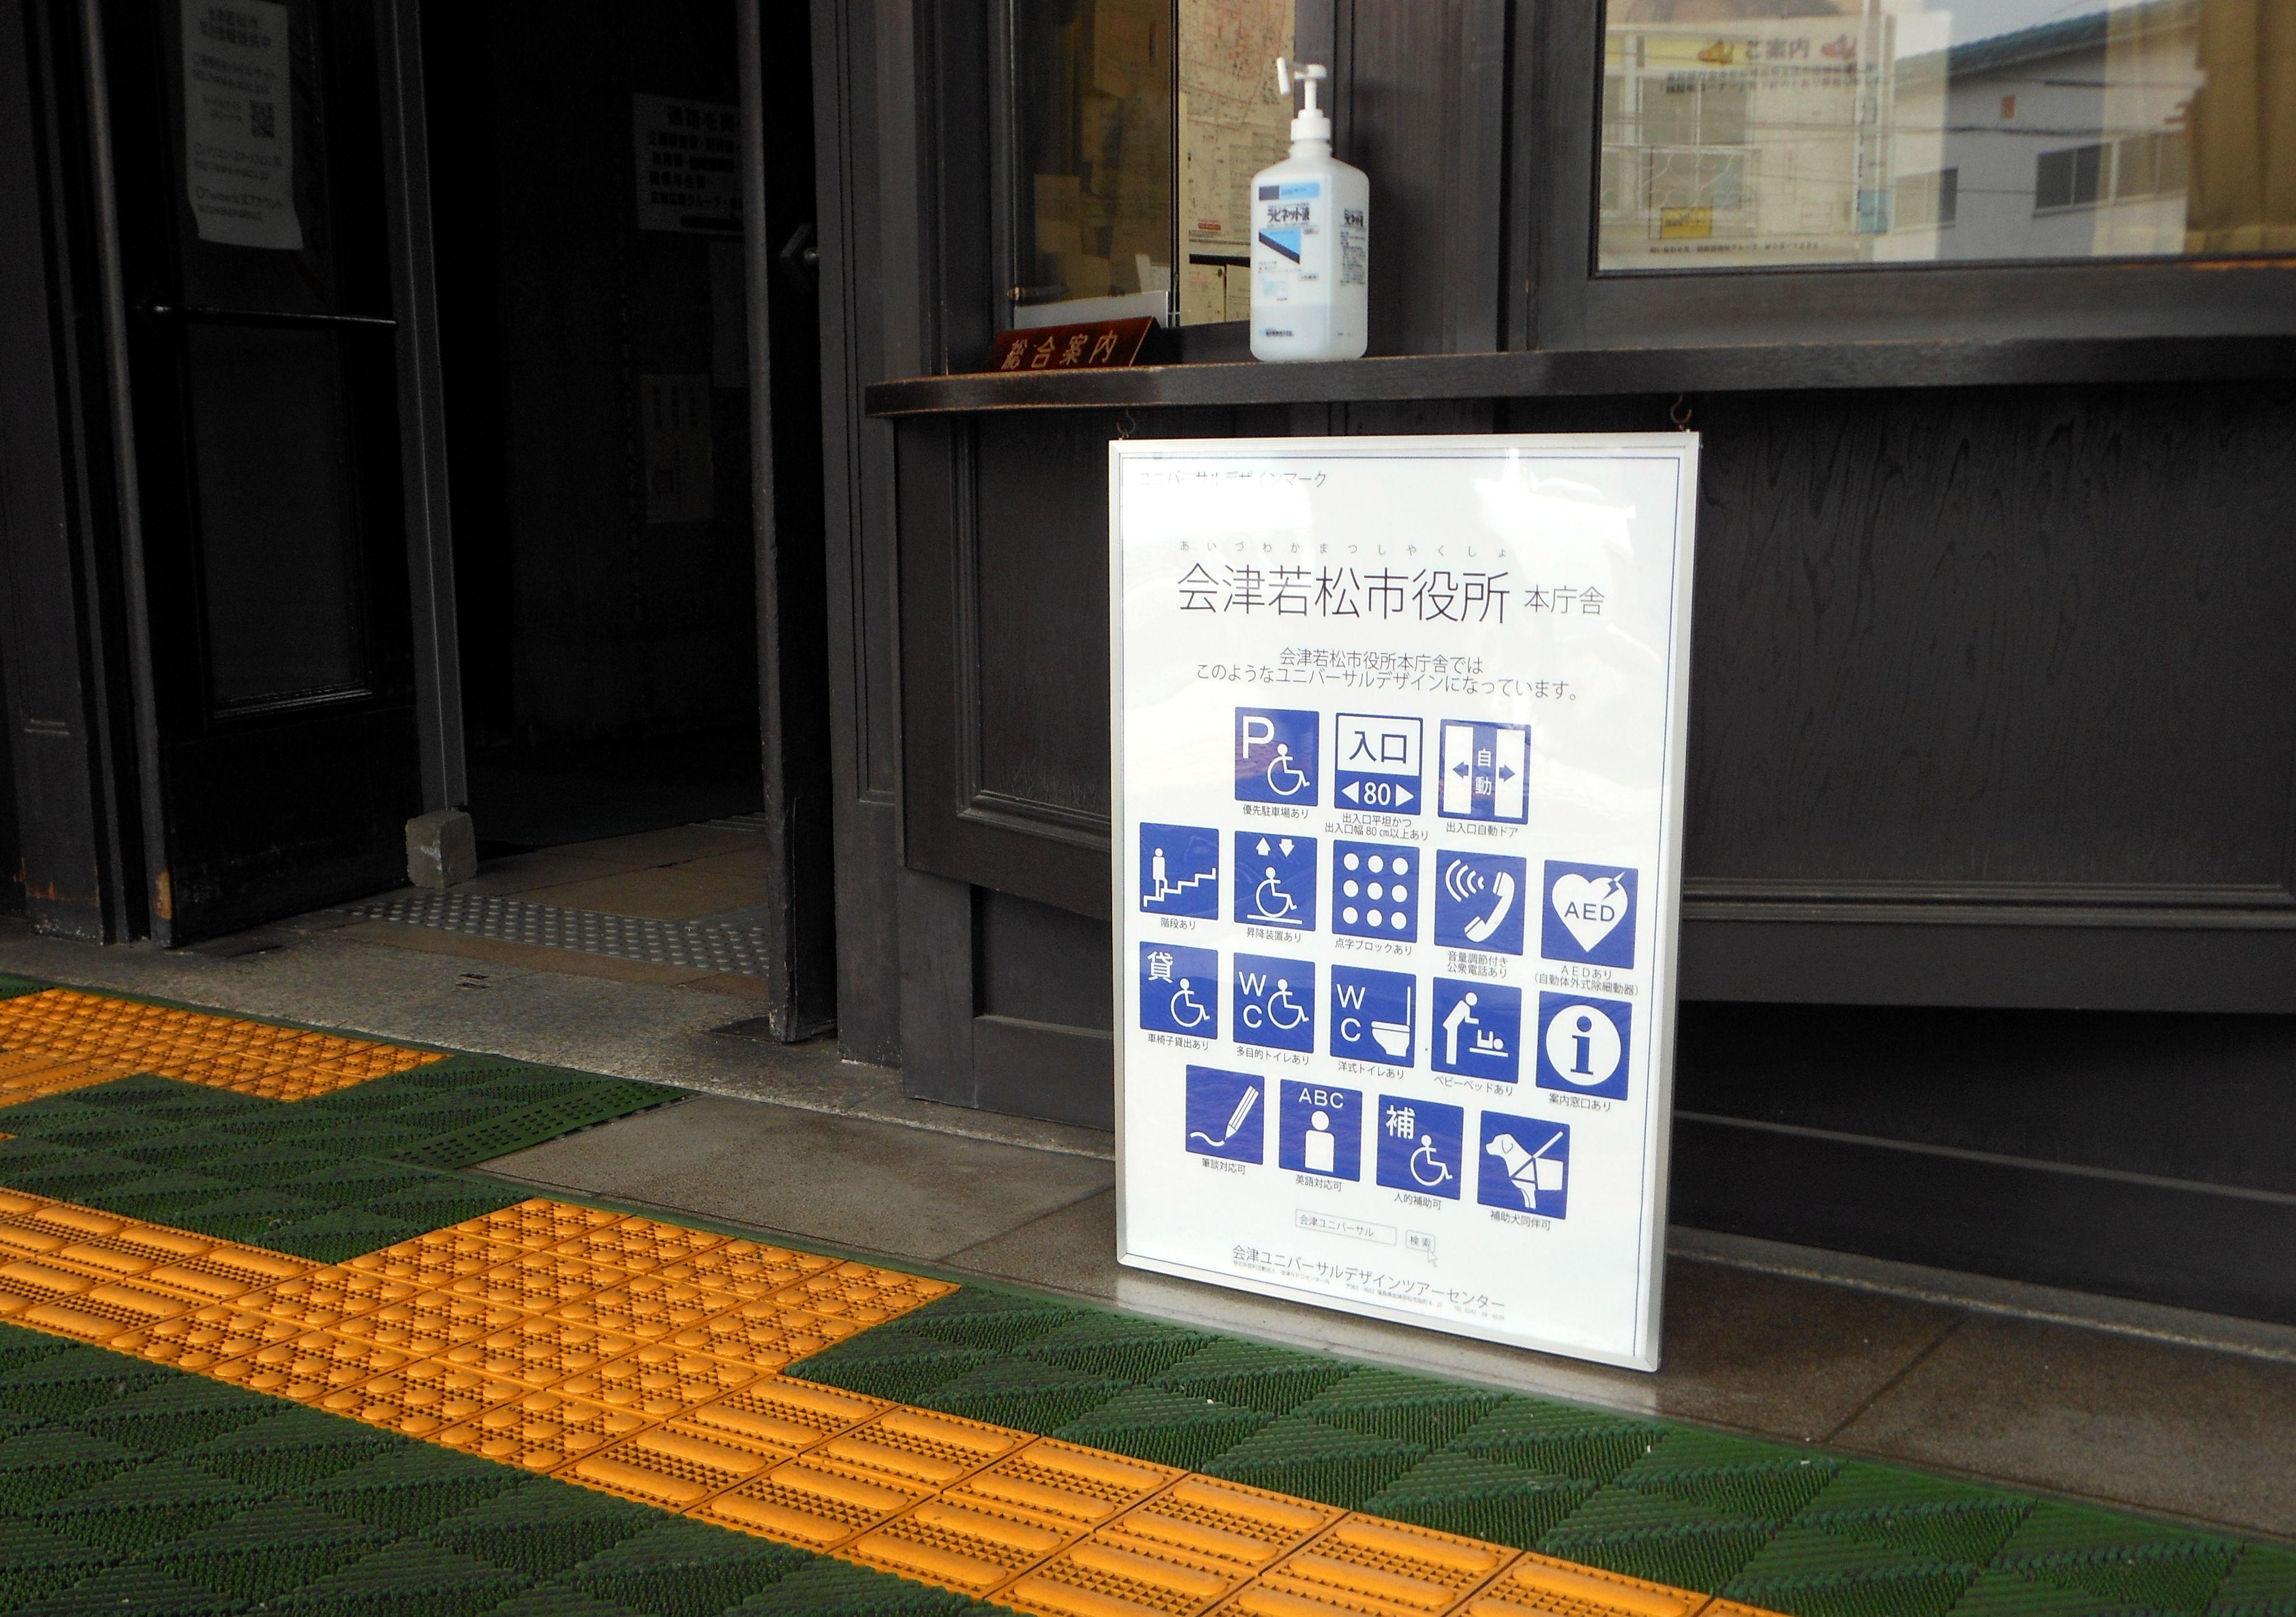 ユニバーサルデザイン施設情報ポスターの寄贈